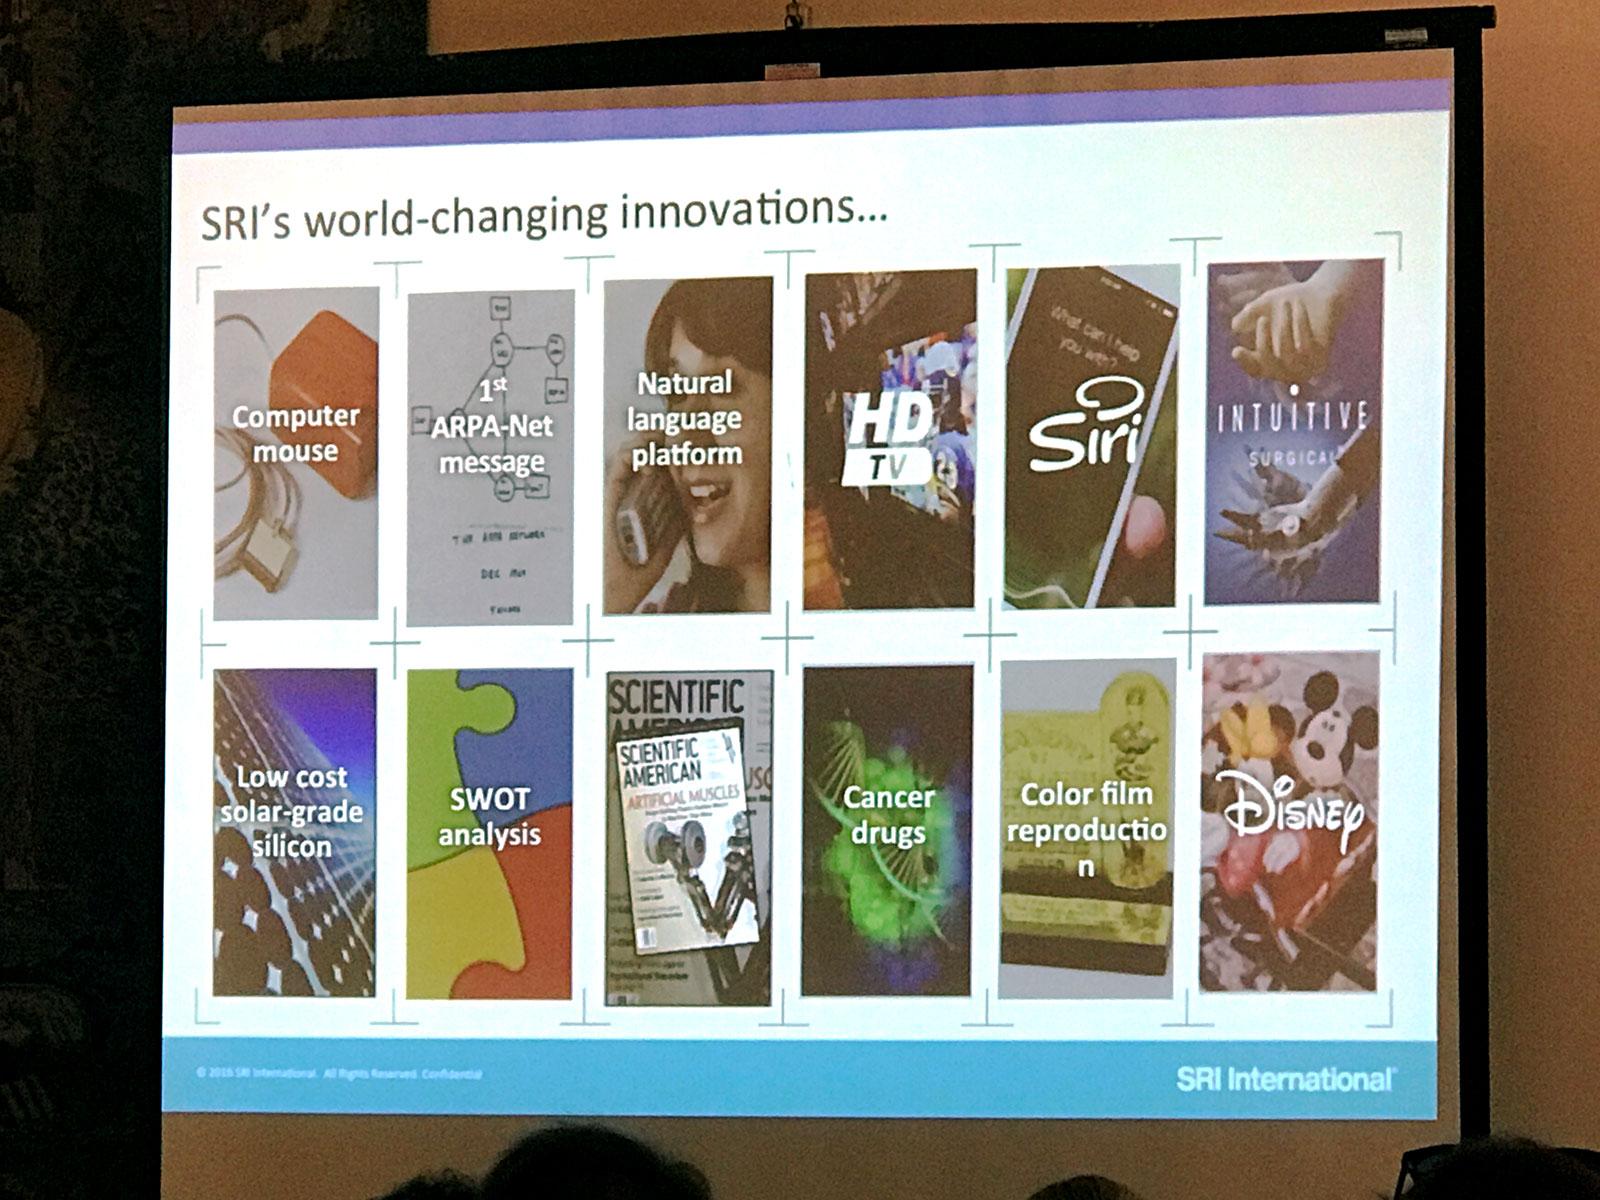 Tela com projecção, durante apresentação, no SRI Internacional.